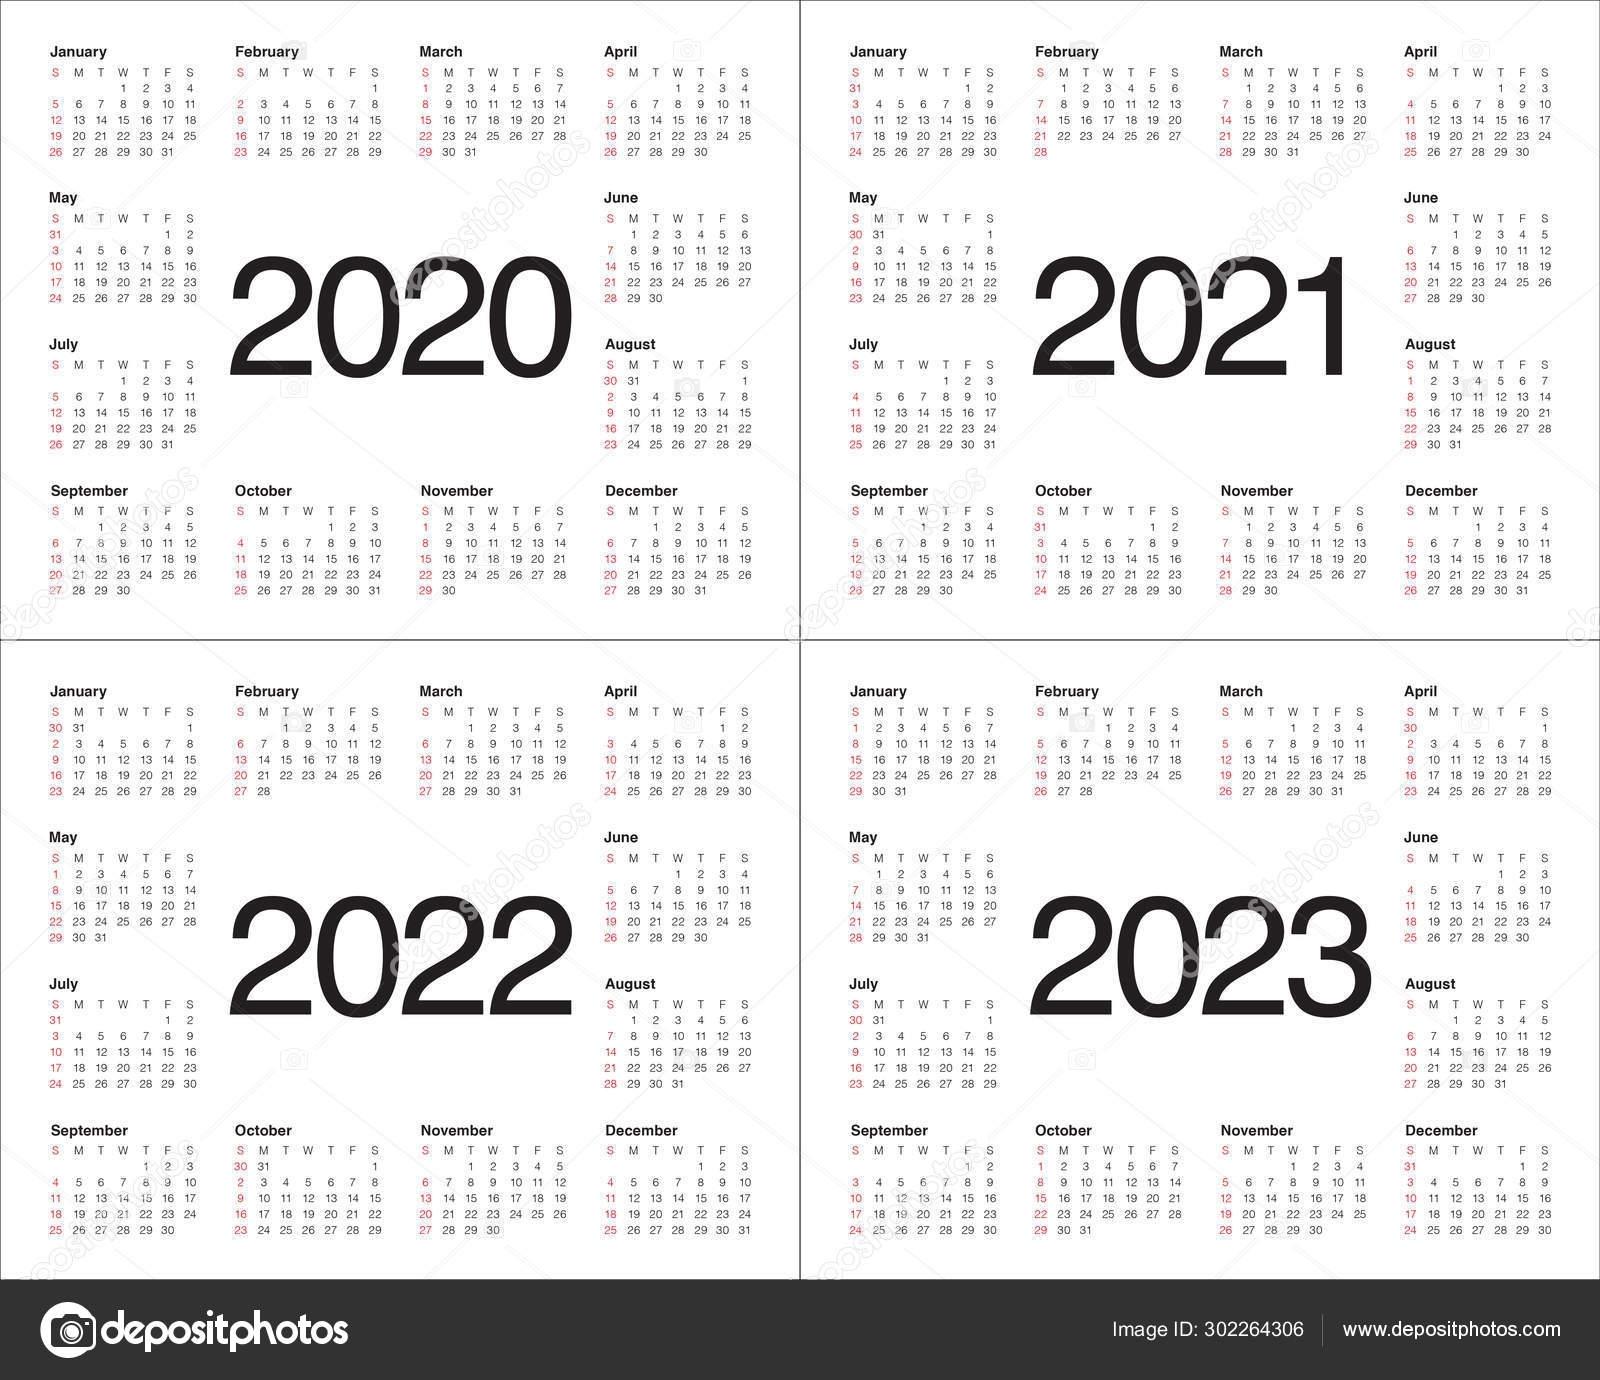 Year 2020 2021 2022 2023 Calendar Vector Design Template 302264306 with regard to 2019 2020 2021 2022 2023 Year Calendar Printable